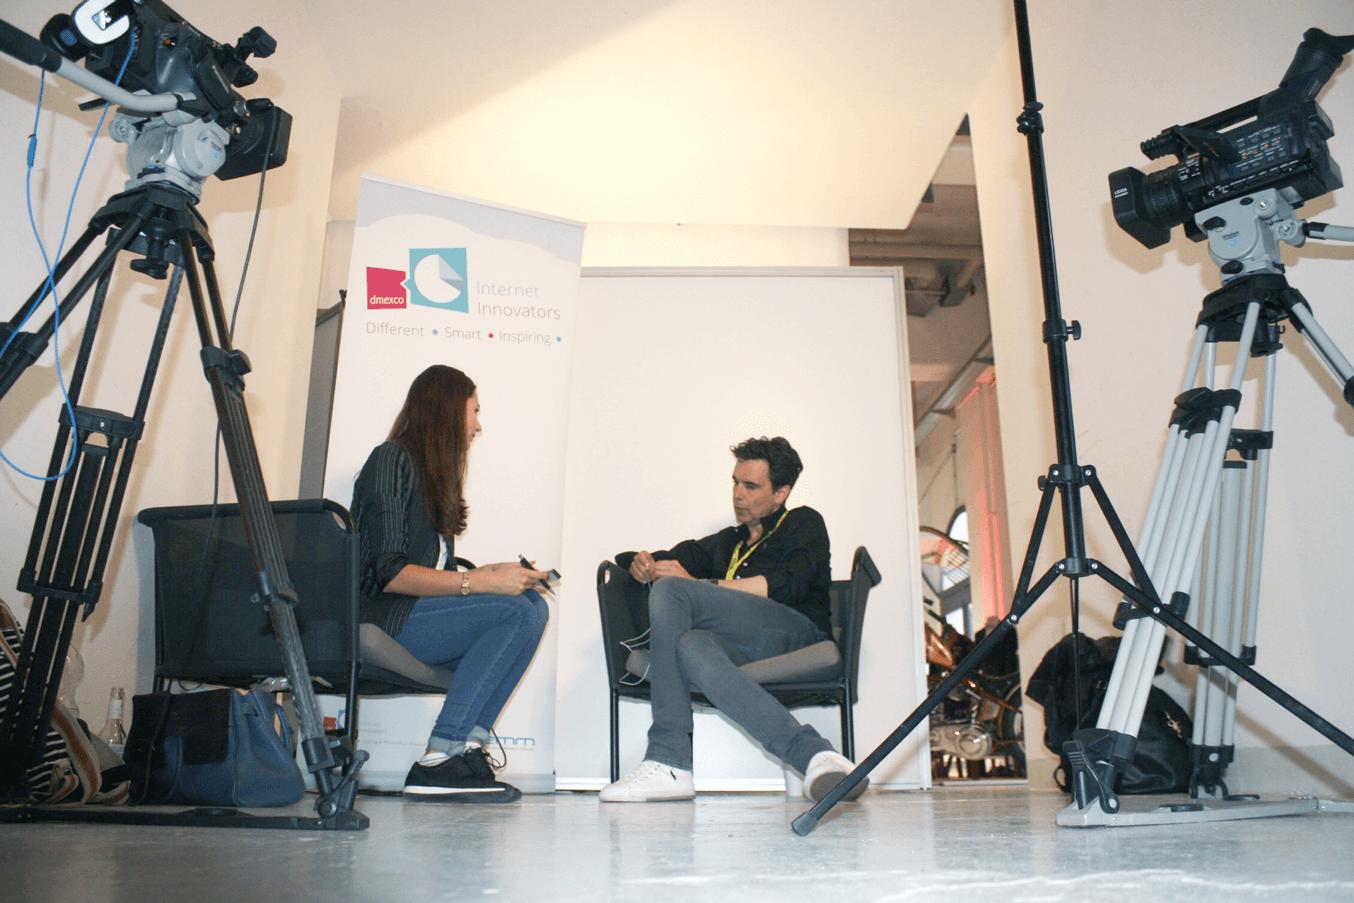 Moderatorin Anja Lange interviewt gleich einen Gast.